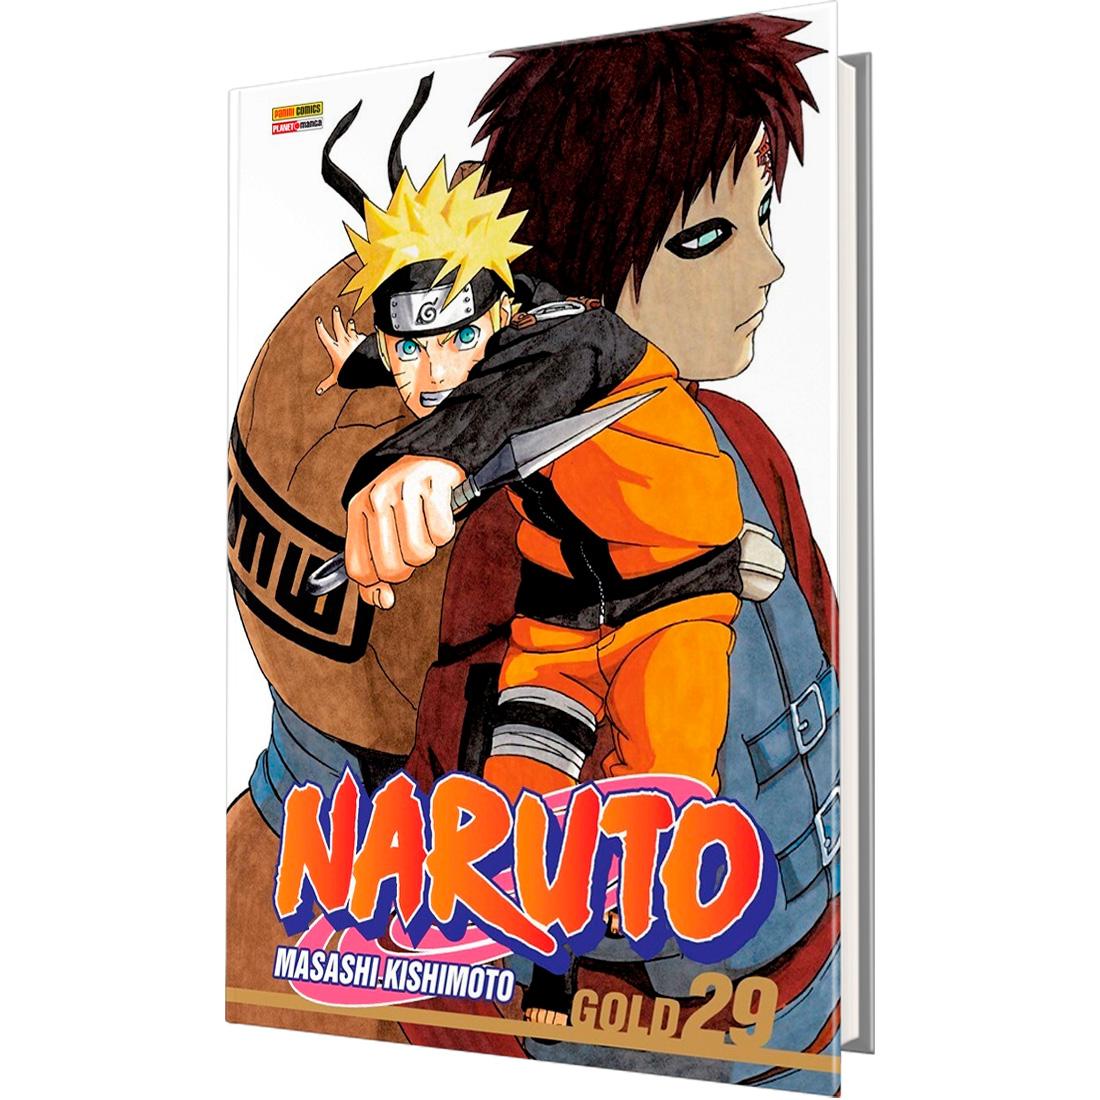 Naruto Gold Vol. 29